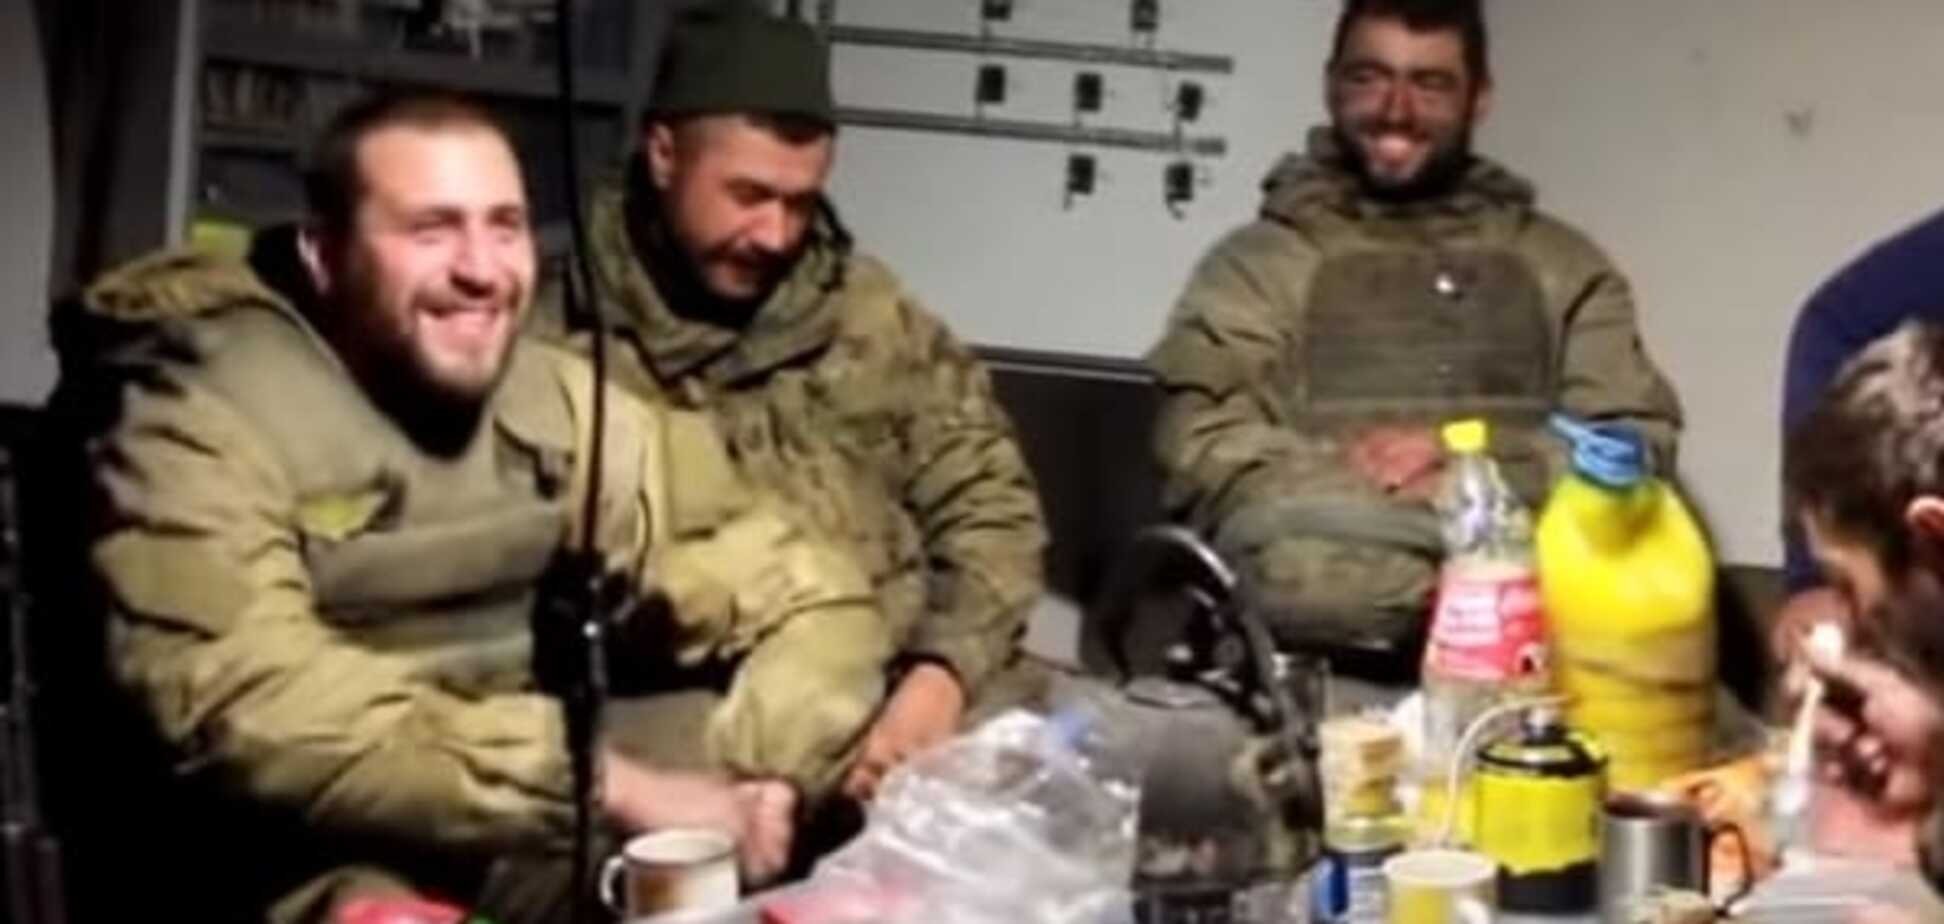 Мочанов опубликовал новый фильм о боях в донецком аэропорту: опубликовано видео